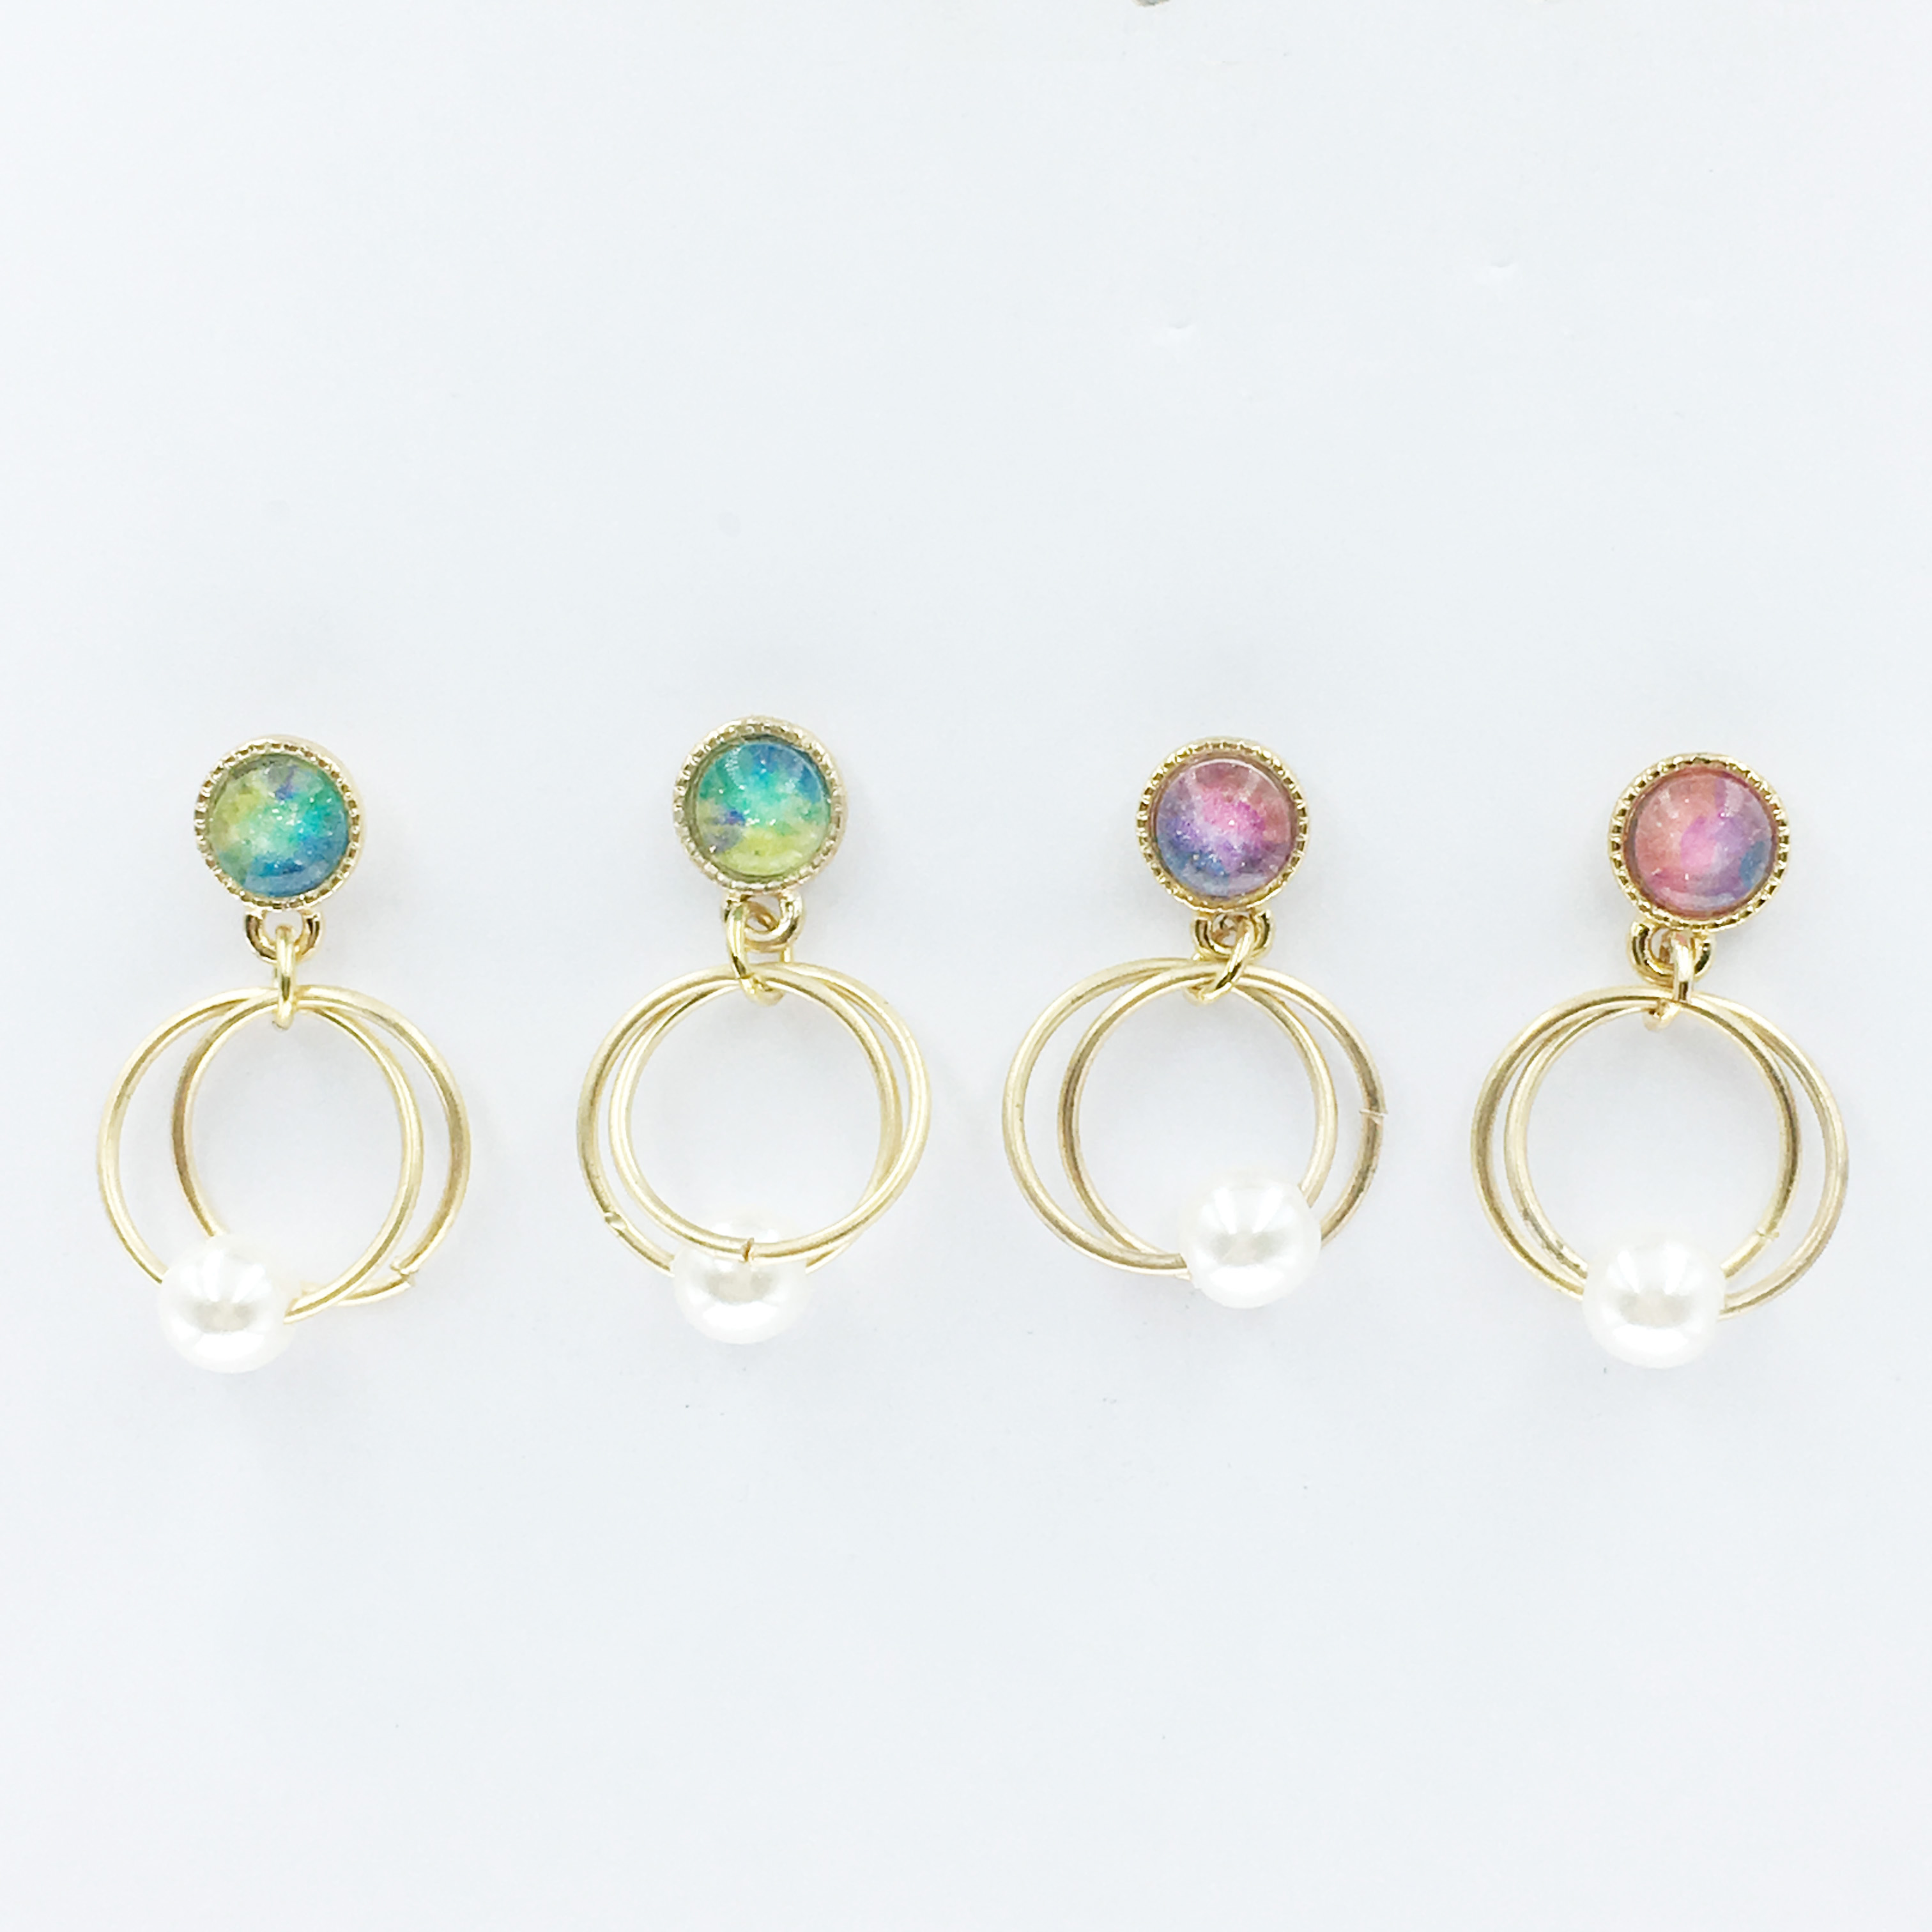 韓國 珍珠 星空 圓弧 兩色 垂墜感 耳針式耳環